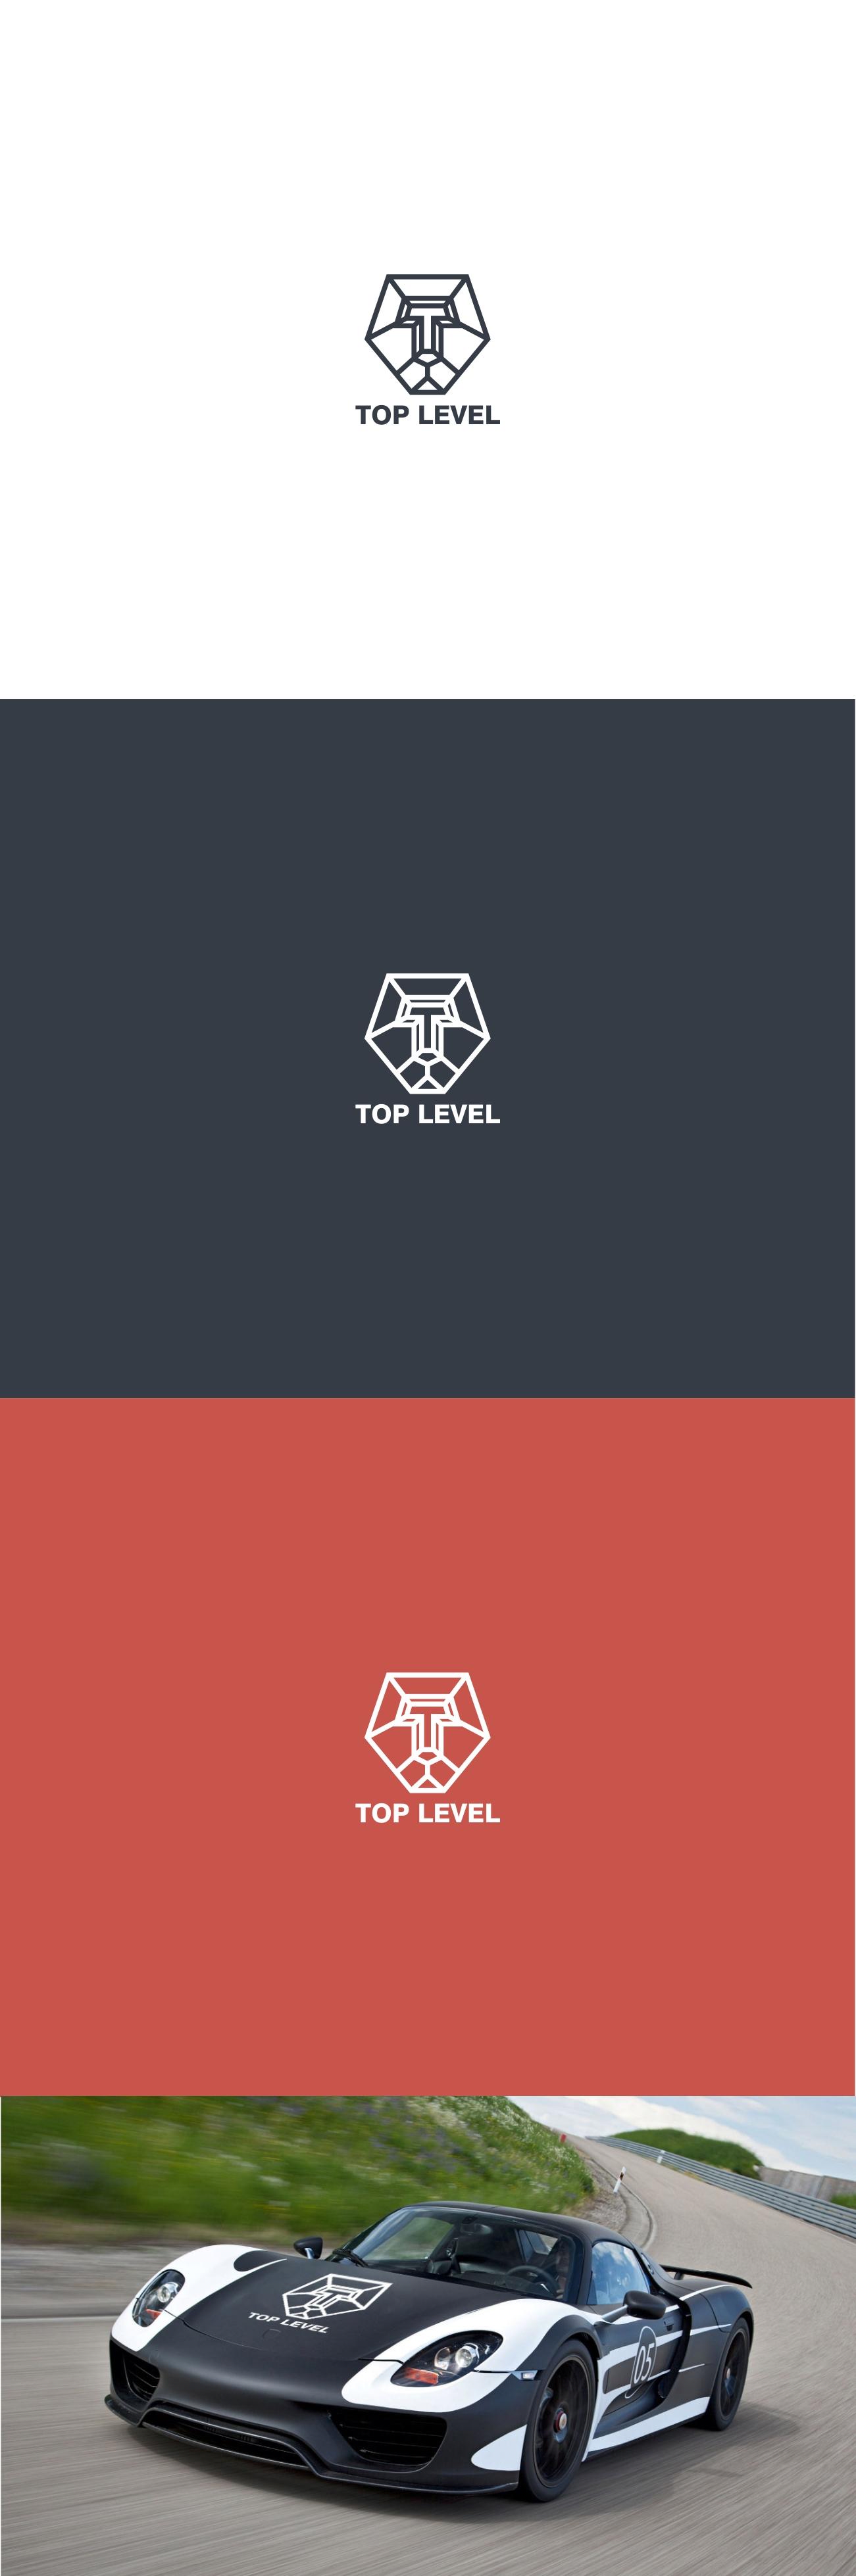 Разработка логотипа для тюнинг ателье фото f_7685f368b2ec31af.jpg